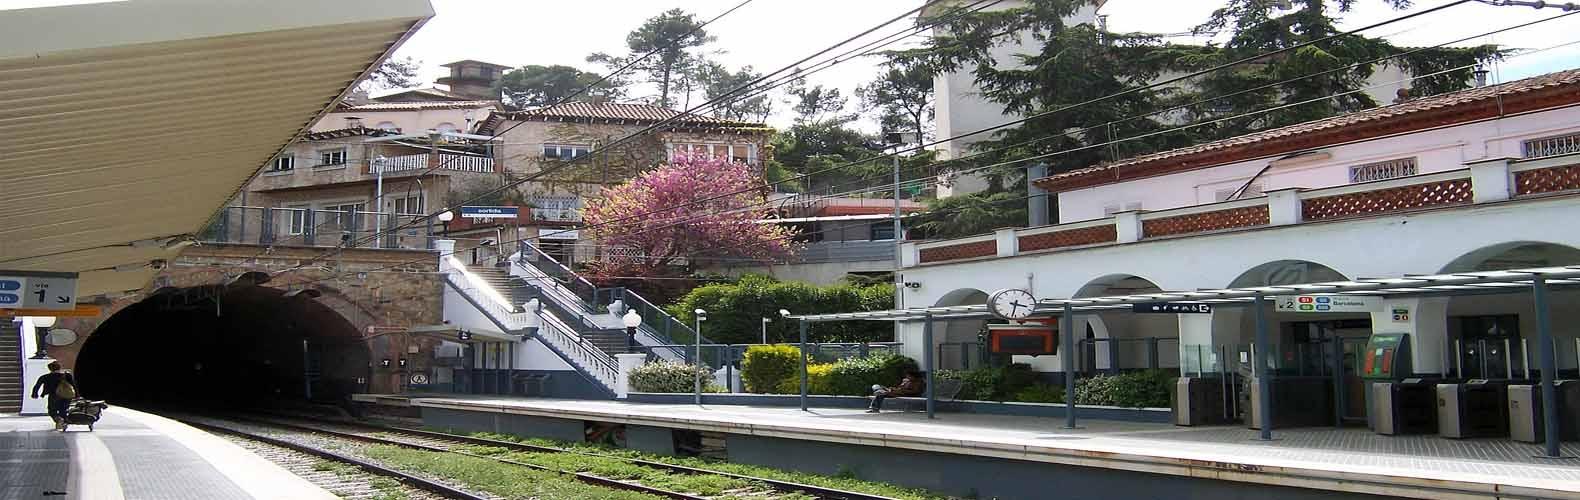 Casas de lujo en venta y alquiler  en la Floresta, Sant Cugat del Vallès